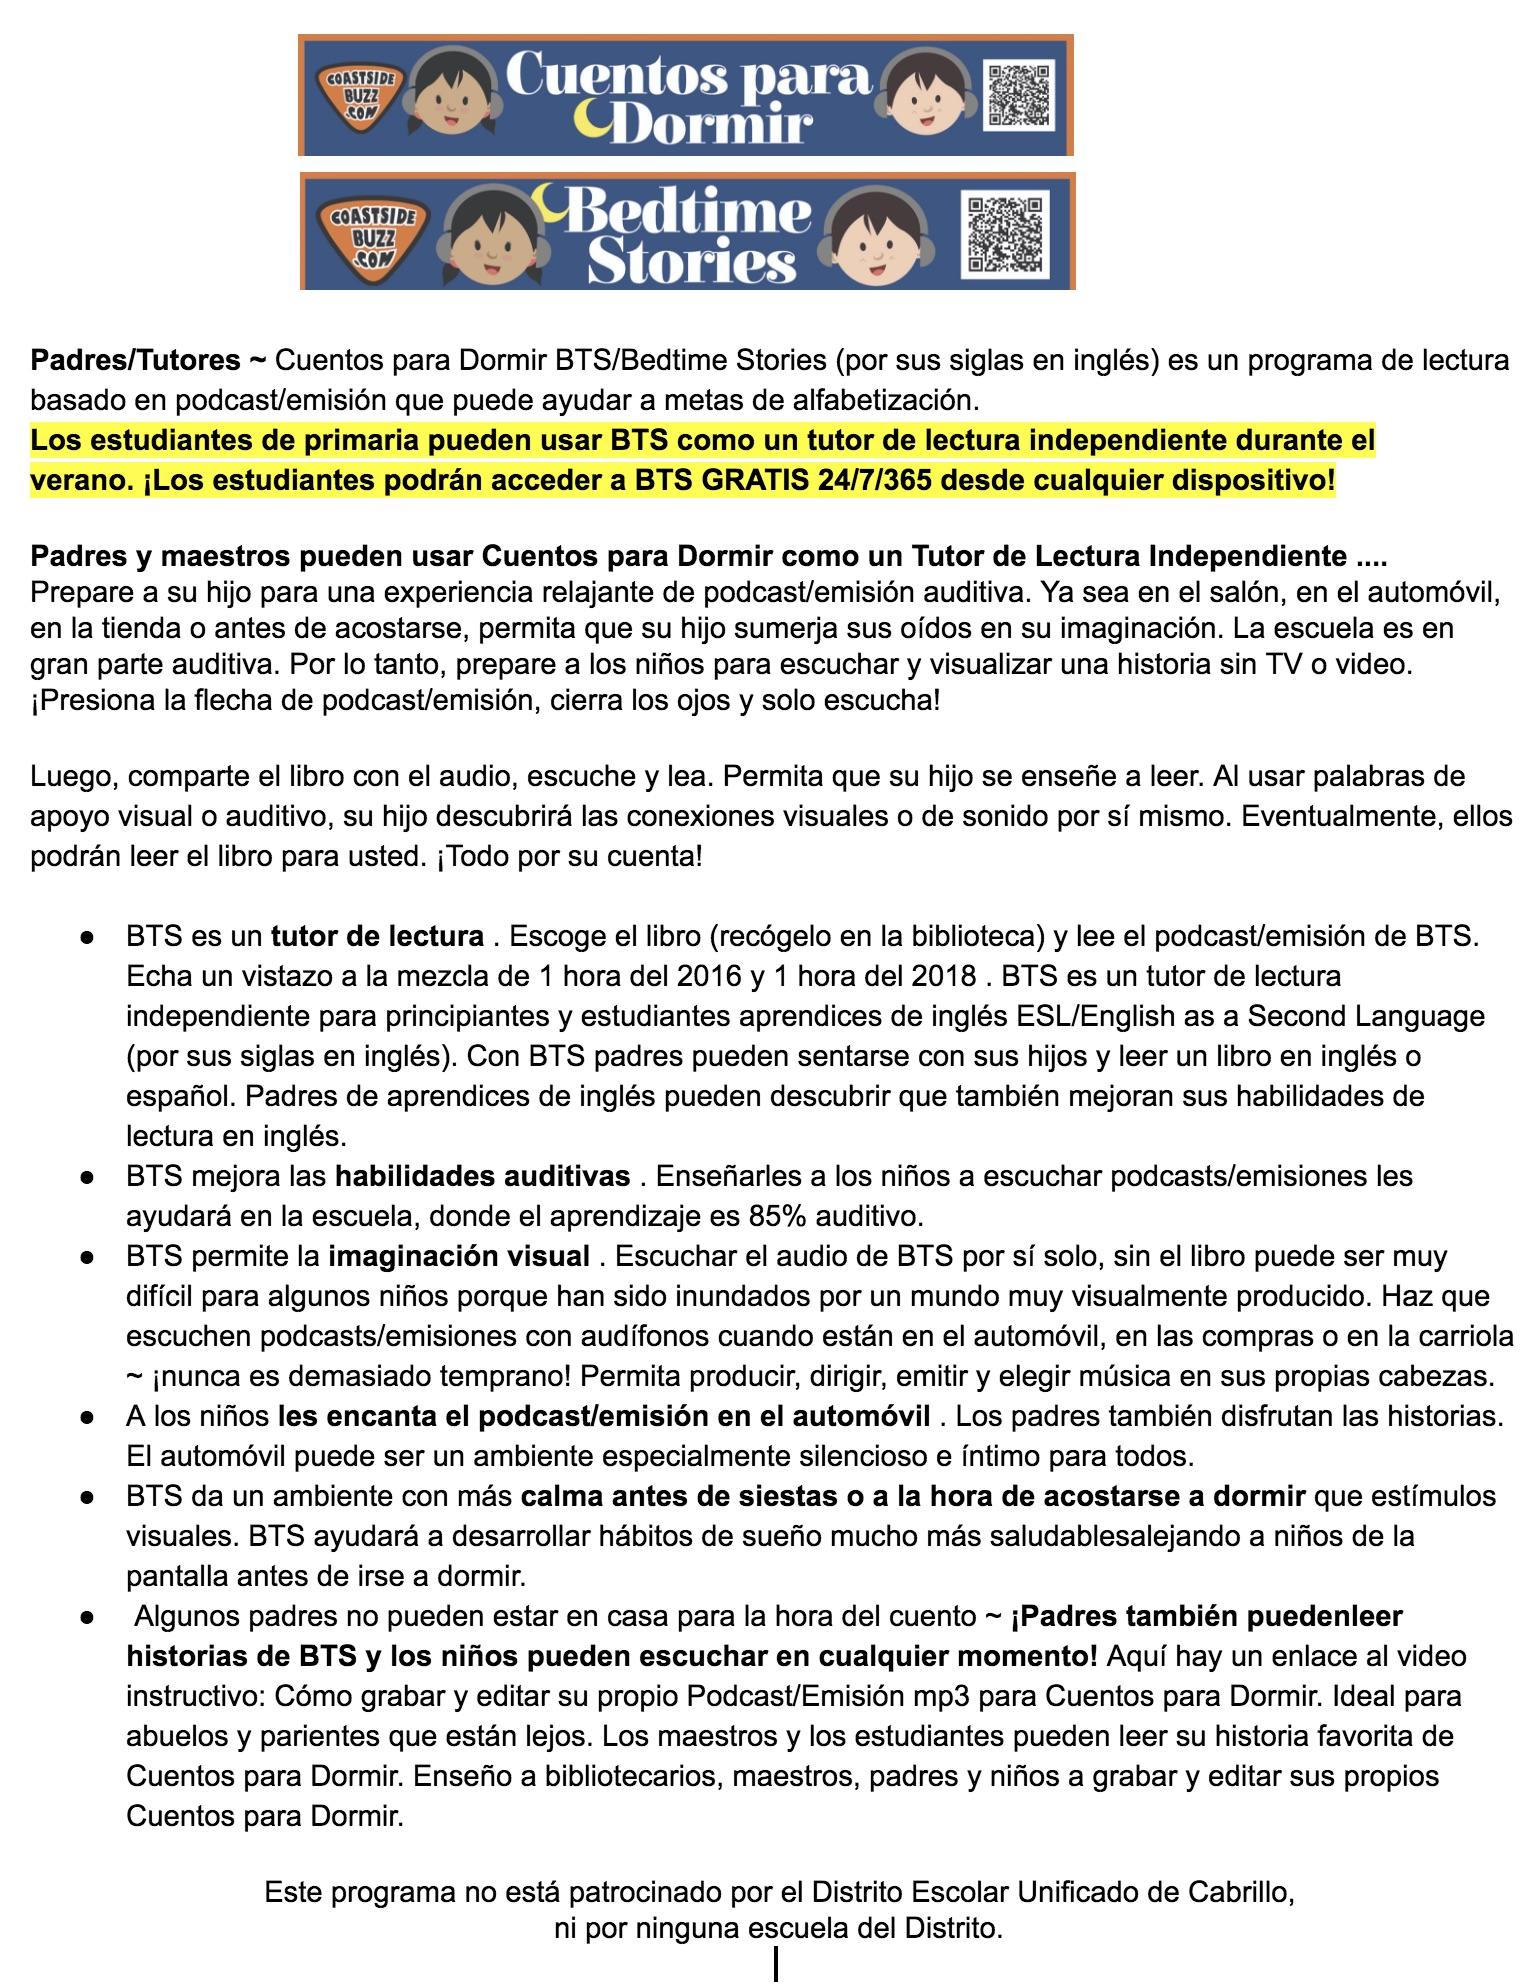 Excepcional Tutor En Reanudar Bandera - Ejemplo De Colección De ...